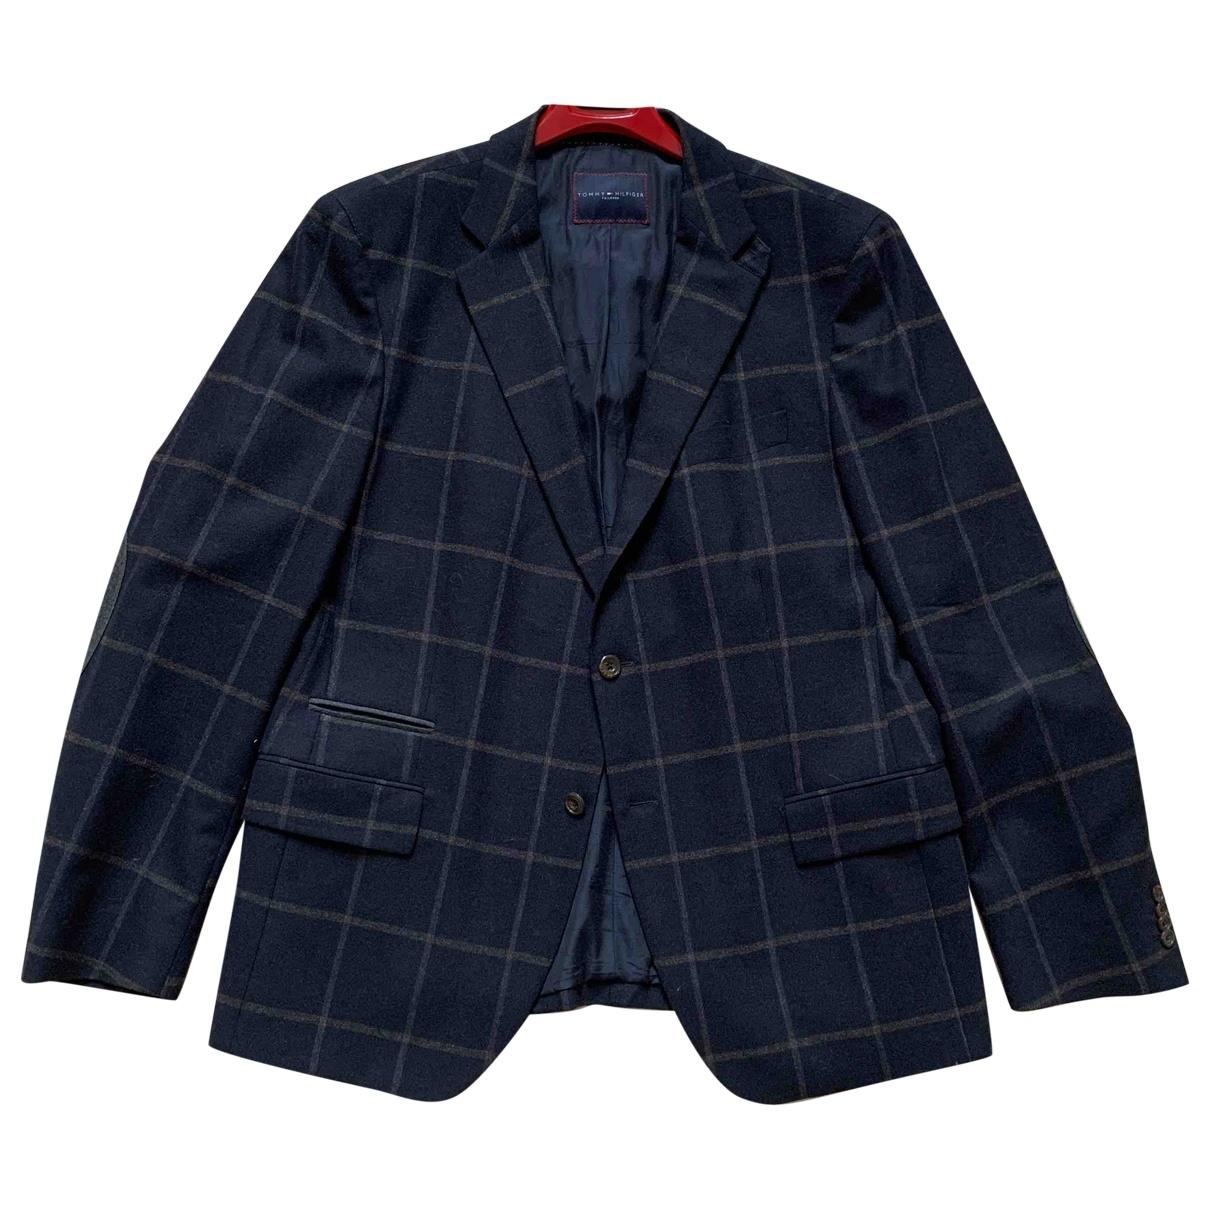 Tommy Hilfiger \N Black Wool jacket  for Men 54 IT